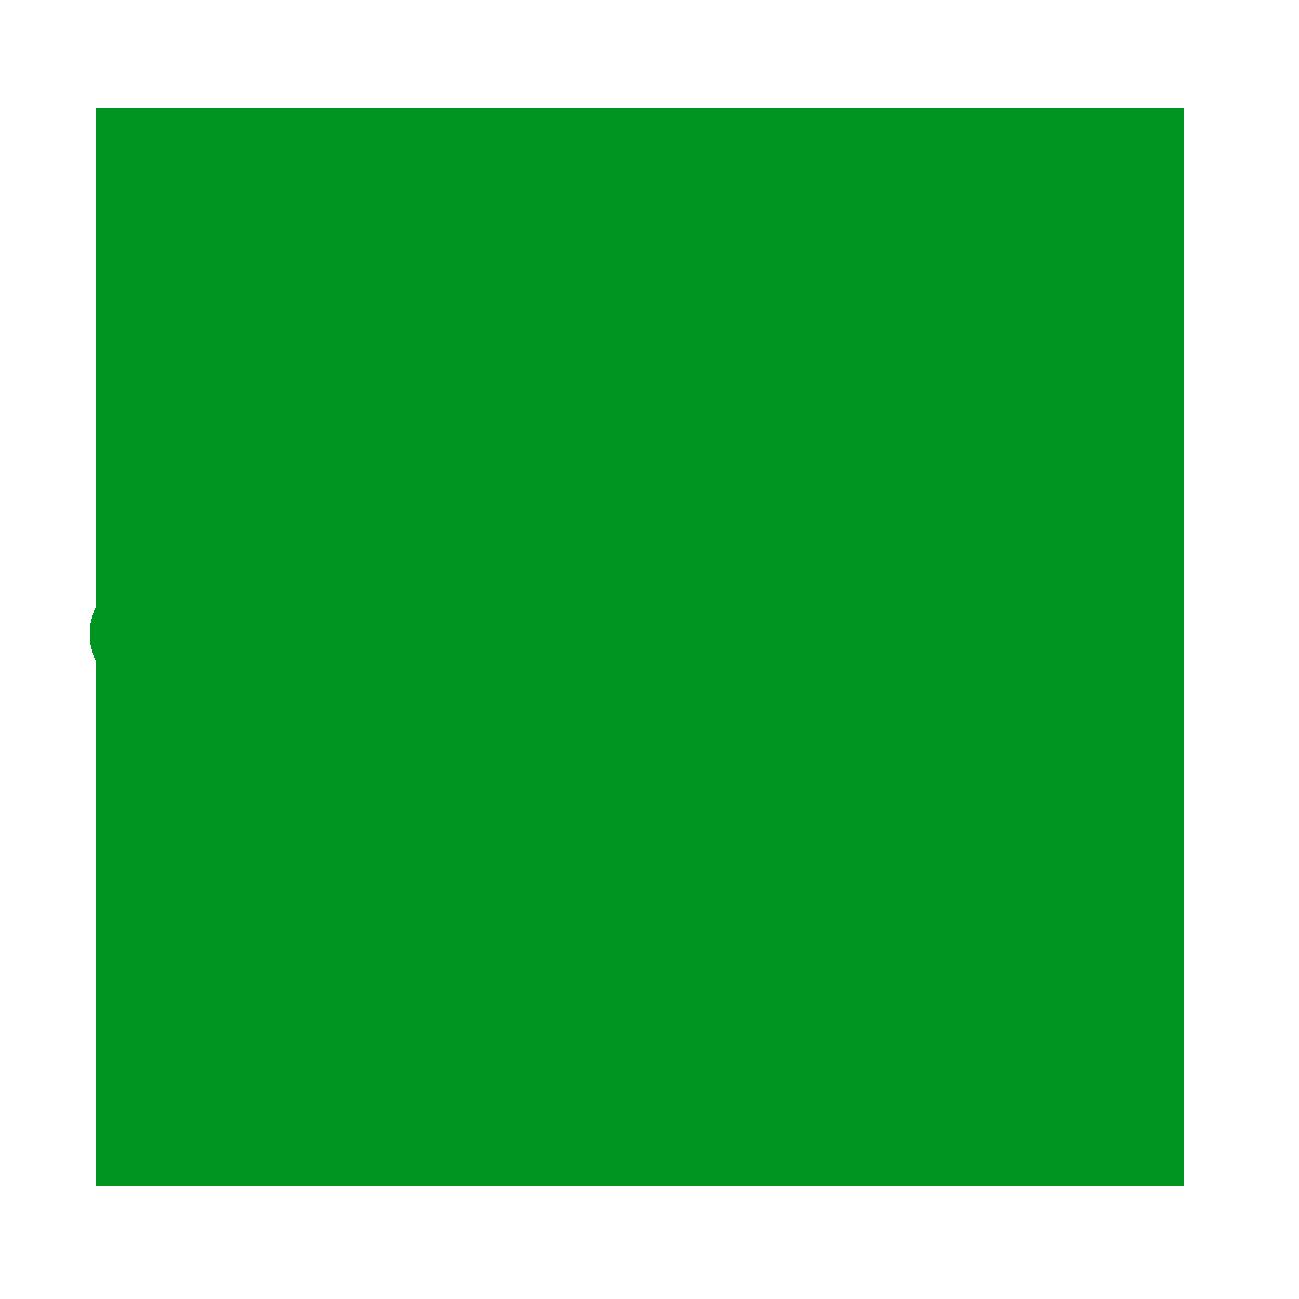 連載「ドラッグ・ウオッチング~確かなデータに基づく薬のエビデンス」~新規抗血小板薬 チカグレロル(ブリリンタ錠)